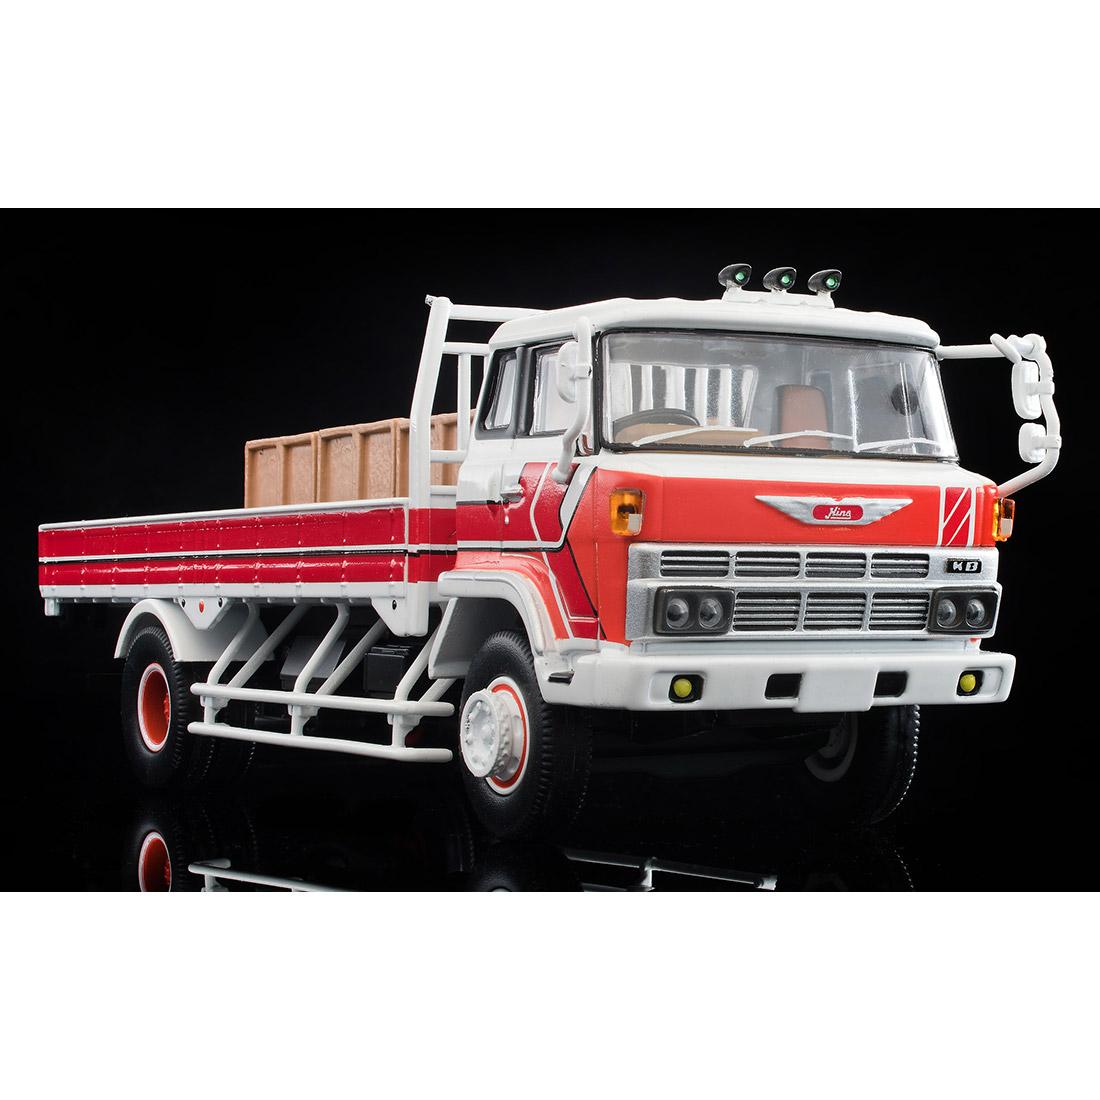 トミカリミテッド ヴィンテージ ネオ TLV-NEO『LV-N44d 日野KB324型トラック(赤/白)』ミニカー-008